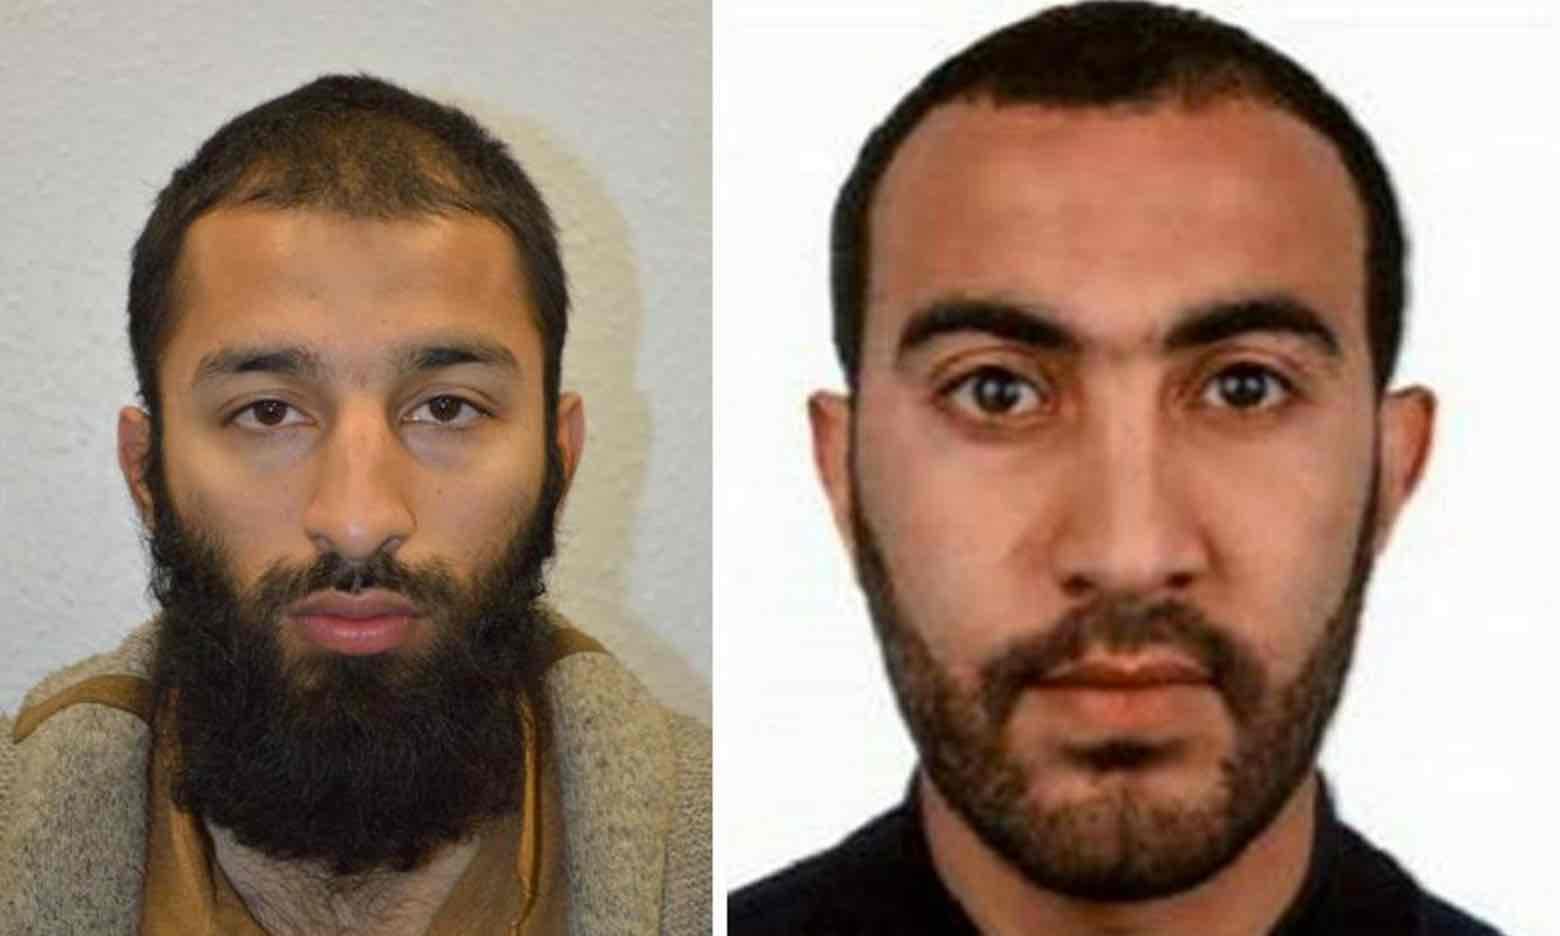 Ultimele lucruri pe care le-au facut teroristii din Londra inainte de atac. Rachid si-a sarutat copilul de adio